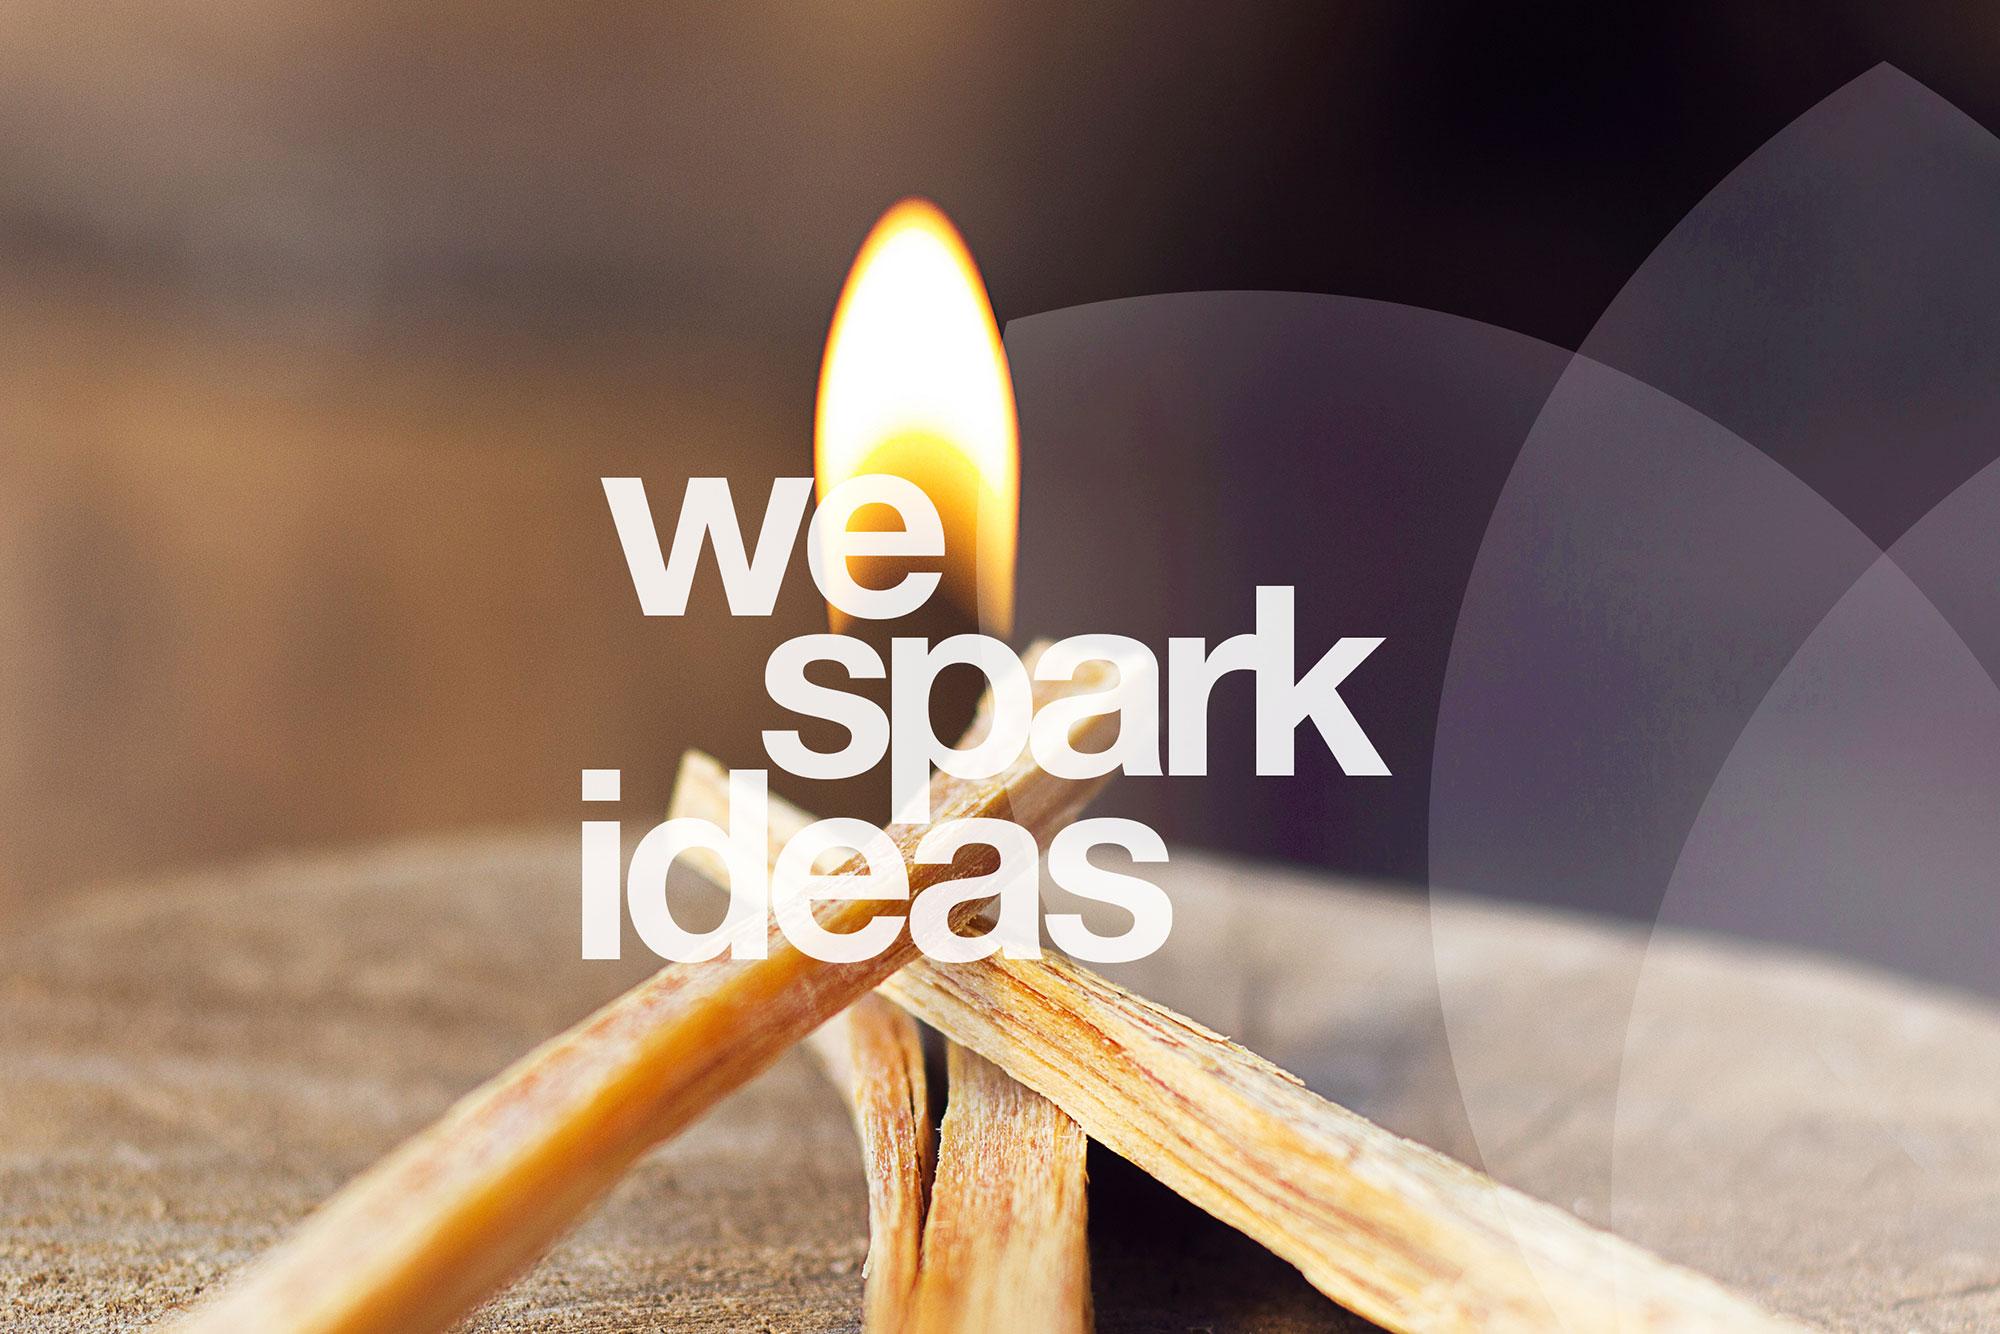 A_we-spark-ideas_flame.jpg